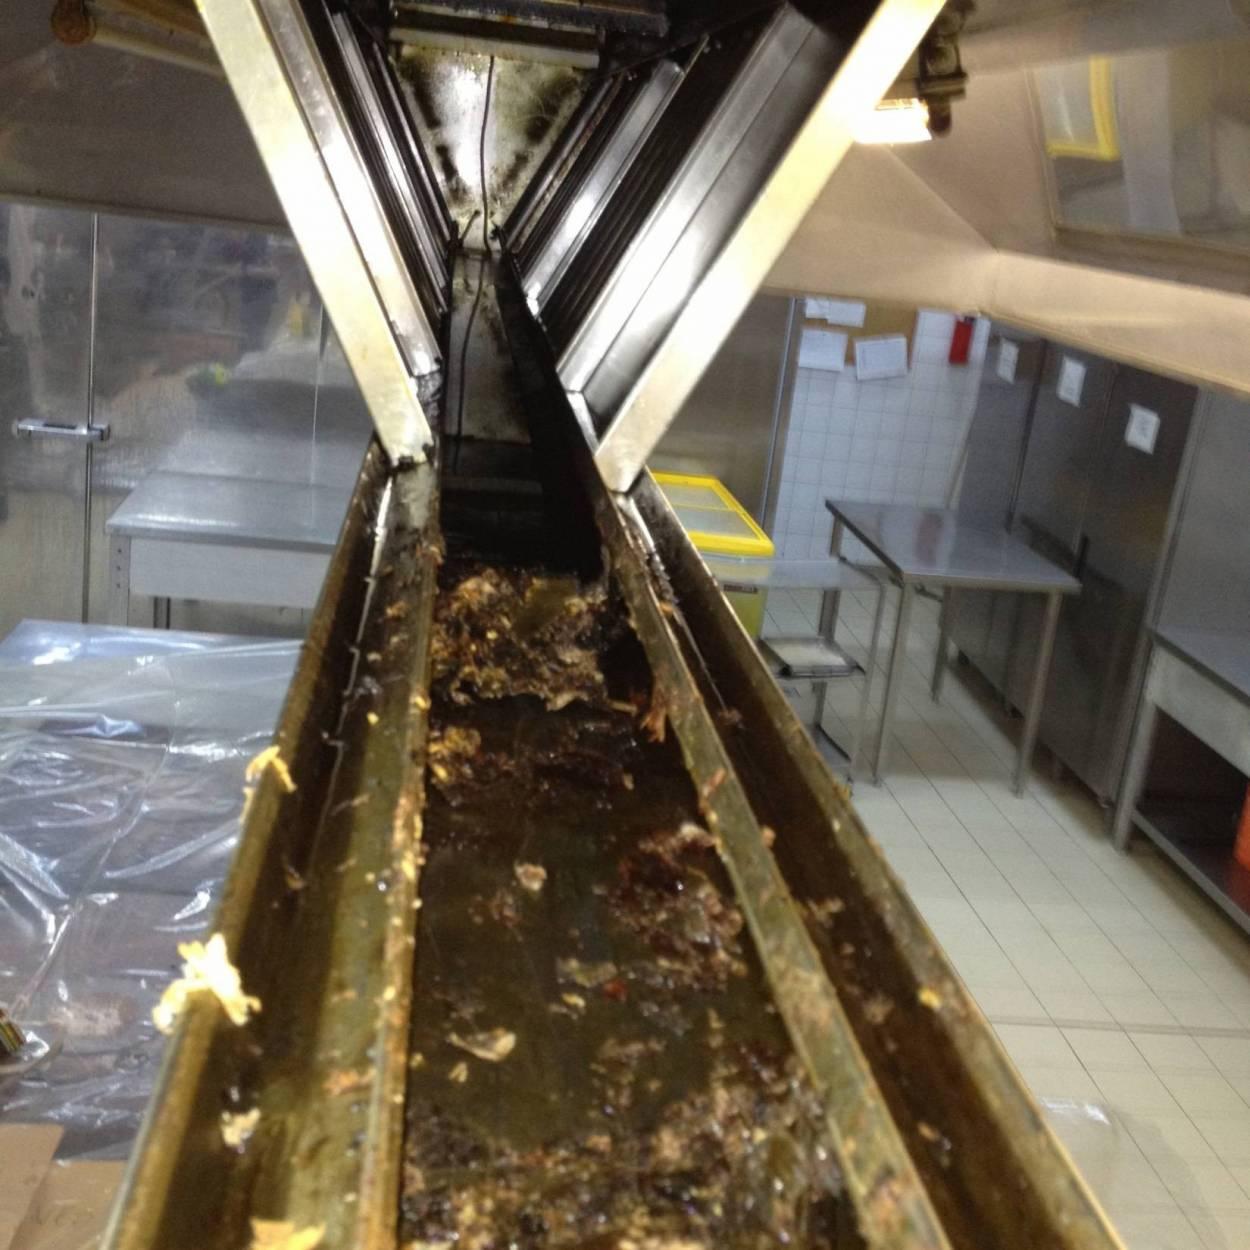 Servicii de Curățare & Dezinfecție în Restaurante / Bucătării Profesionale 11